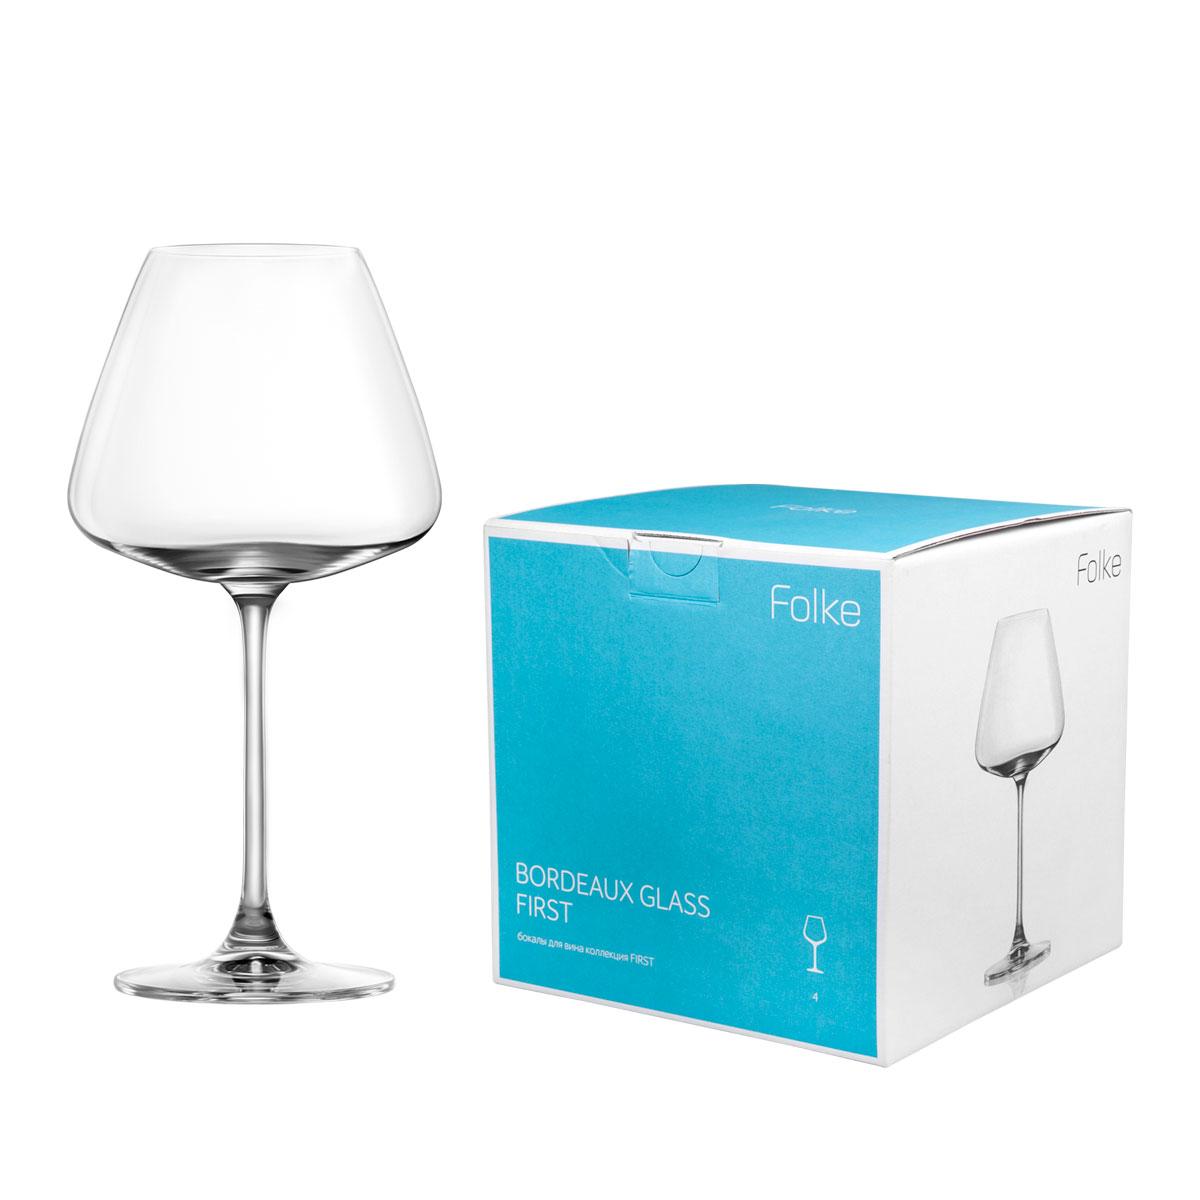 Набор бокалов для вина Folke Bordeux Glass, 590 мл, 4 предмета. 2007171U2007171UКоллекция First- это бокалы из бессвинцового хрусталя высшего качества. Наша продукция отличается исключительной чистотой и повышенной устойчивостью к механическим повреждениям. Улучшенные характеристики изделий позволяют использовать их повседневно в домашних условиях и в ресторанном бизнесе. Оригинальный дизайн позволяет любому напитку полностью раскрыться и заиграть новыми красками. Это поистине уникальное творение современных технологий и многолетнего опыта лучших мировых сомелье.